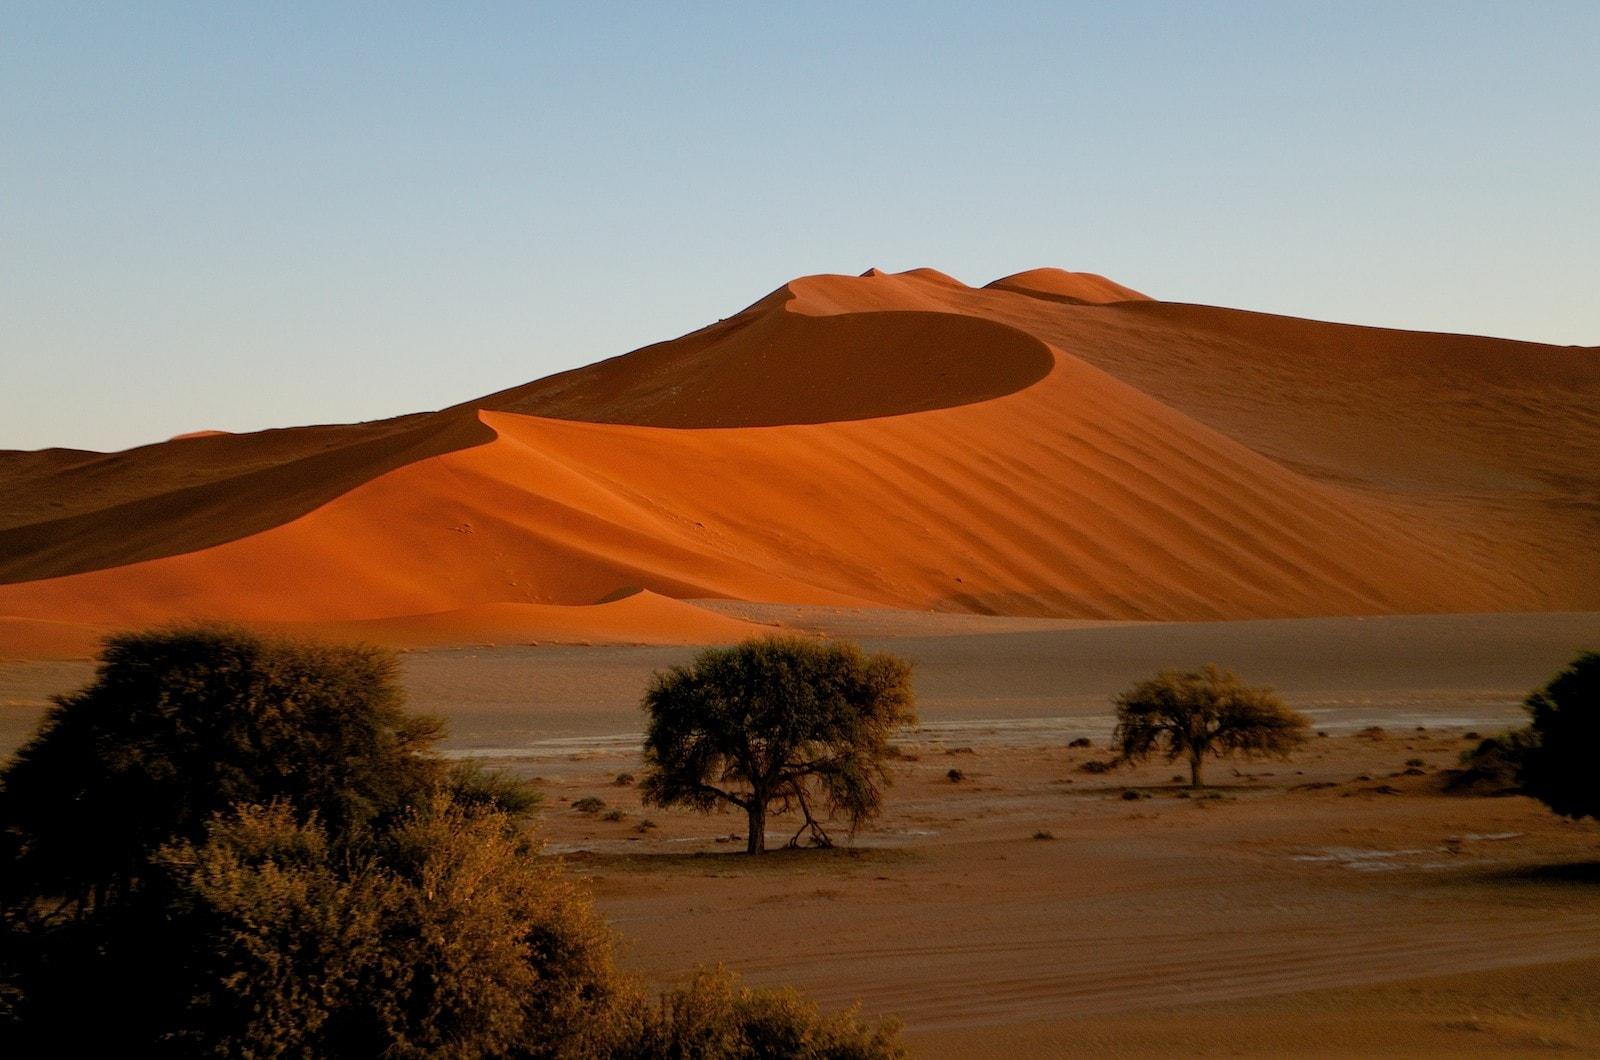 Le meilleur de la Namibie - - 12 jours / 11 nuitsLa Namibie c'est le rêve pour les aventuriers qui aiment les grands escpaces. Des grands marais salants du parc national d'Etosha aux naufrages mystérieux de la côte des squelettes; des dunes de sable dorées de Sossusvlei à la ville portuaire de Swakopmund.